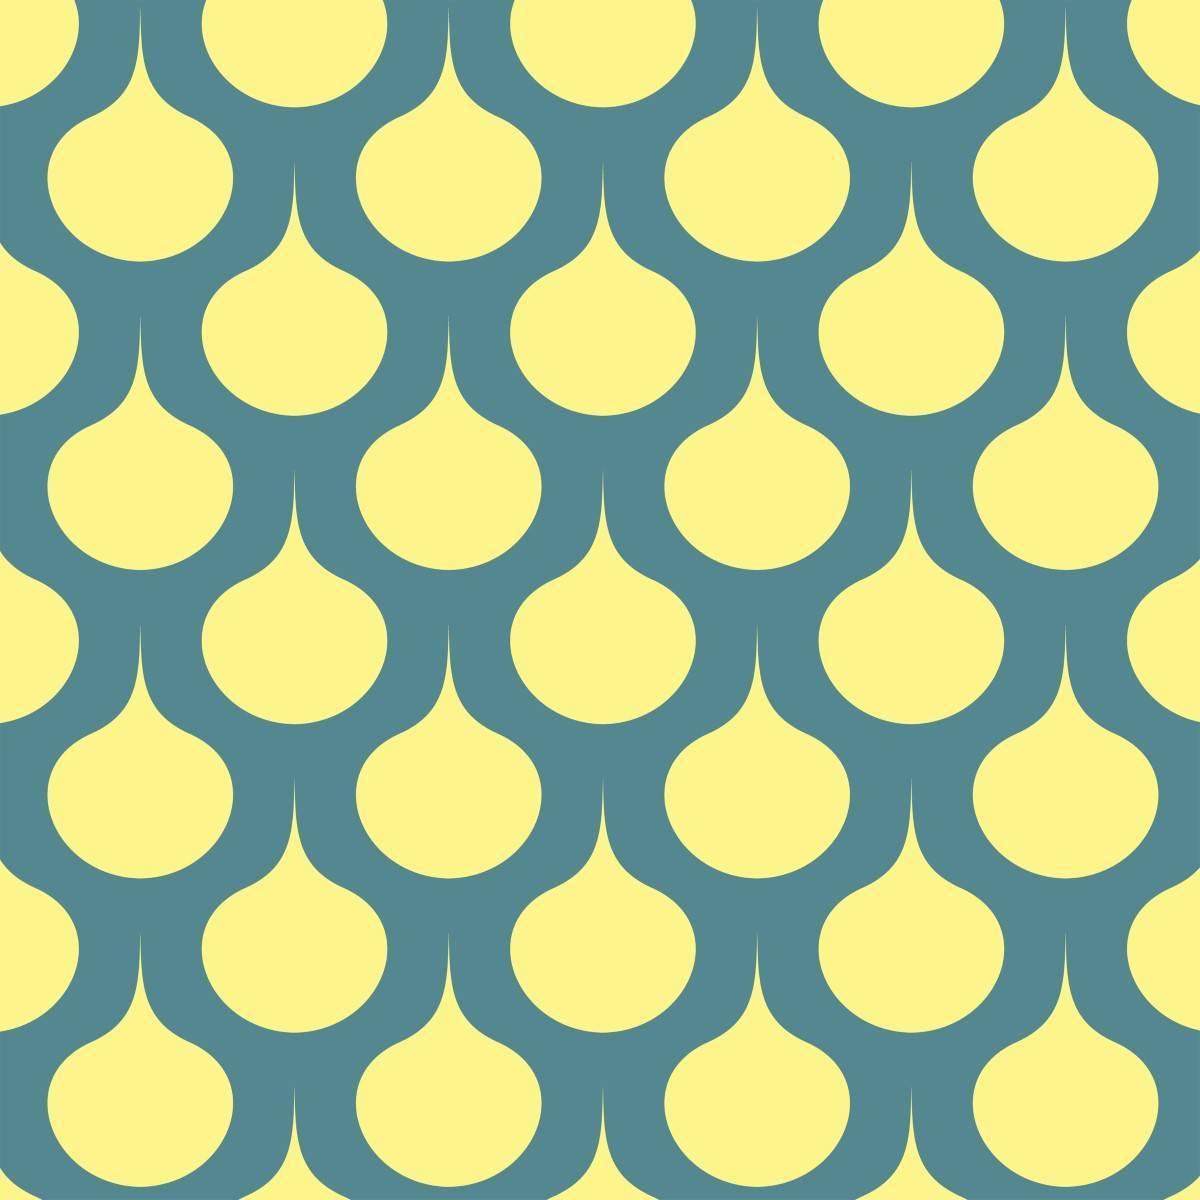 Papel de Parede Adesivo Retrô Amarelo